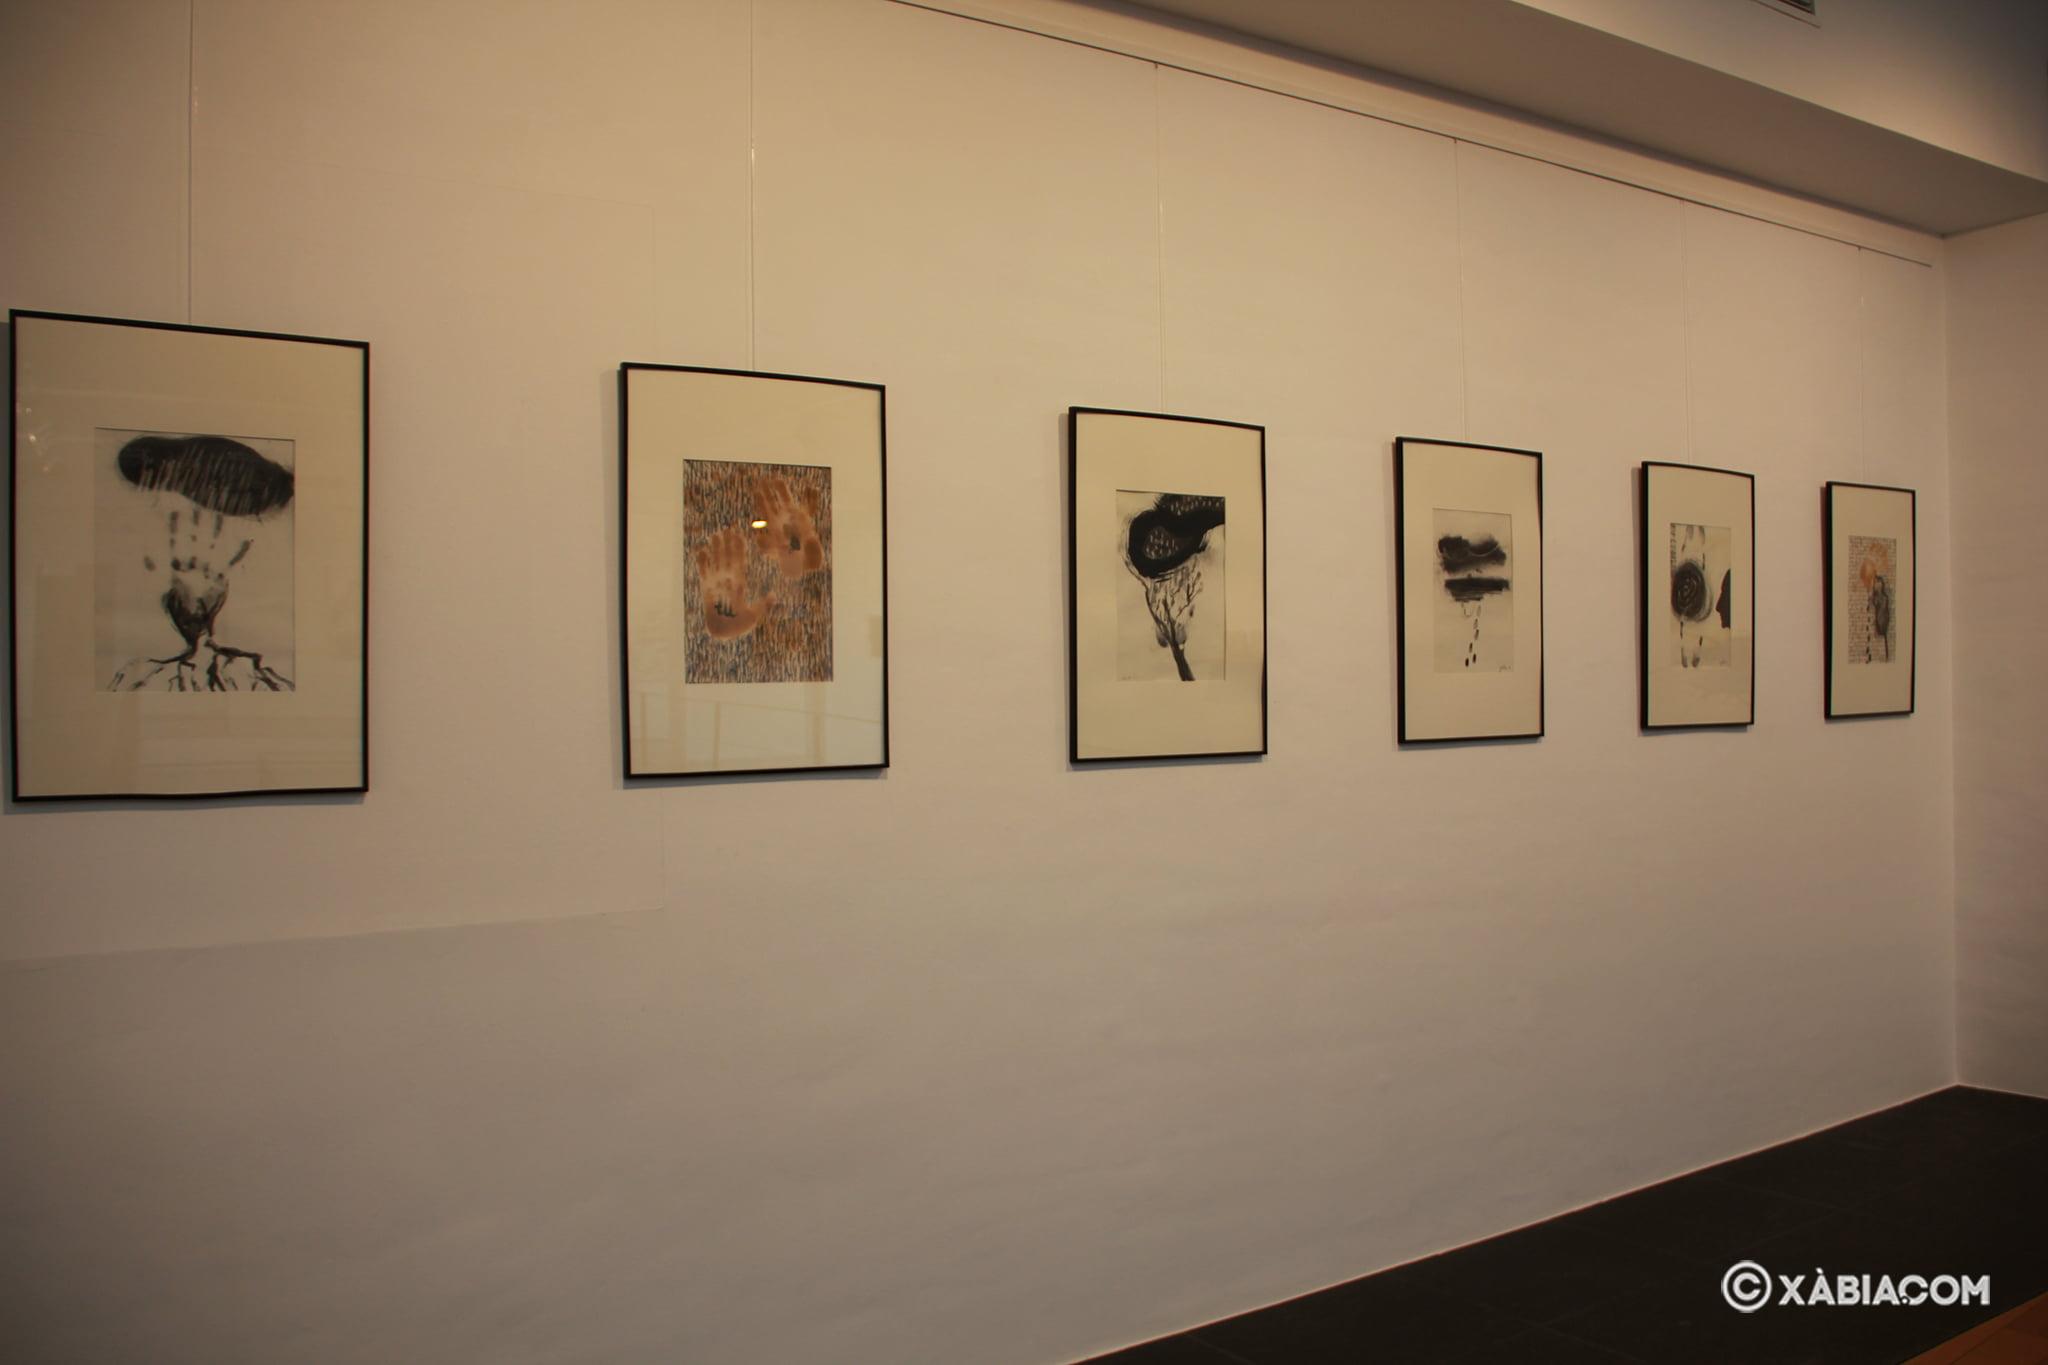 Obras de Josep Pedrós i Ginestar en la Casa del Cable